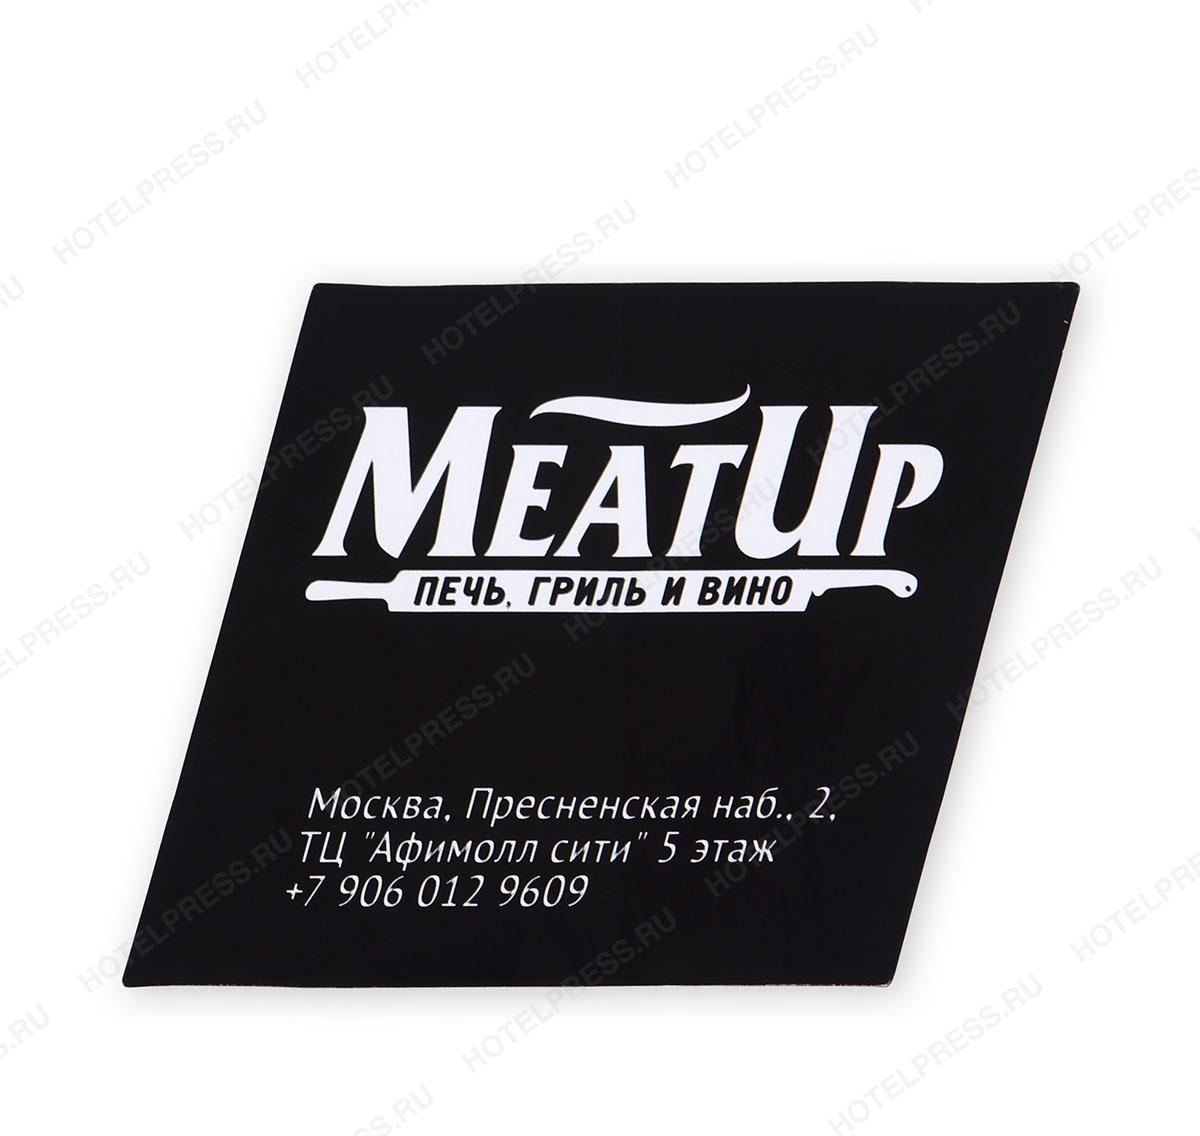 Печать этикеток на самоклеющейся бумаге  для ресторанов